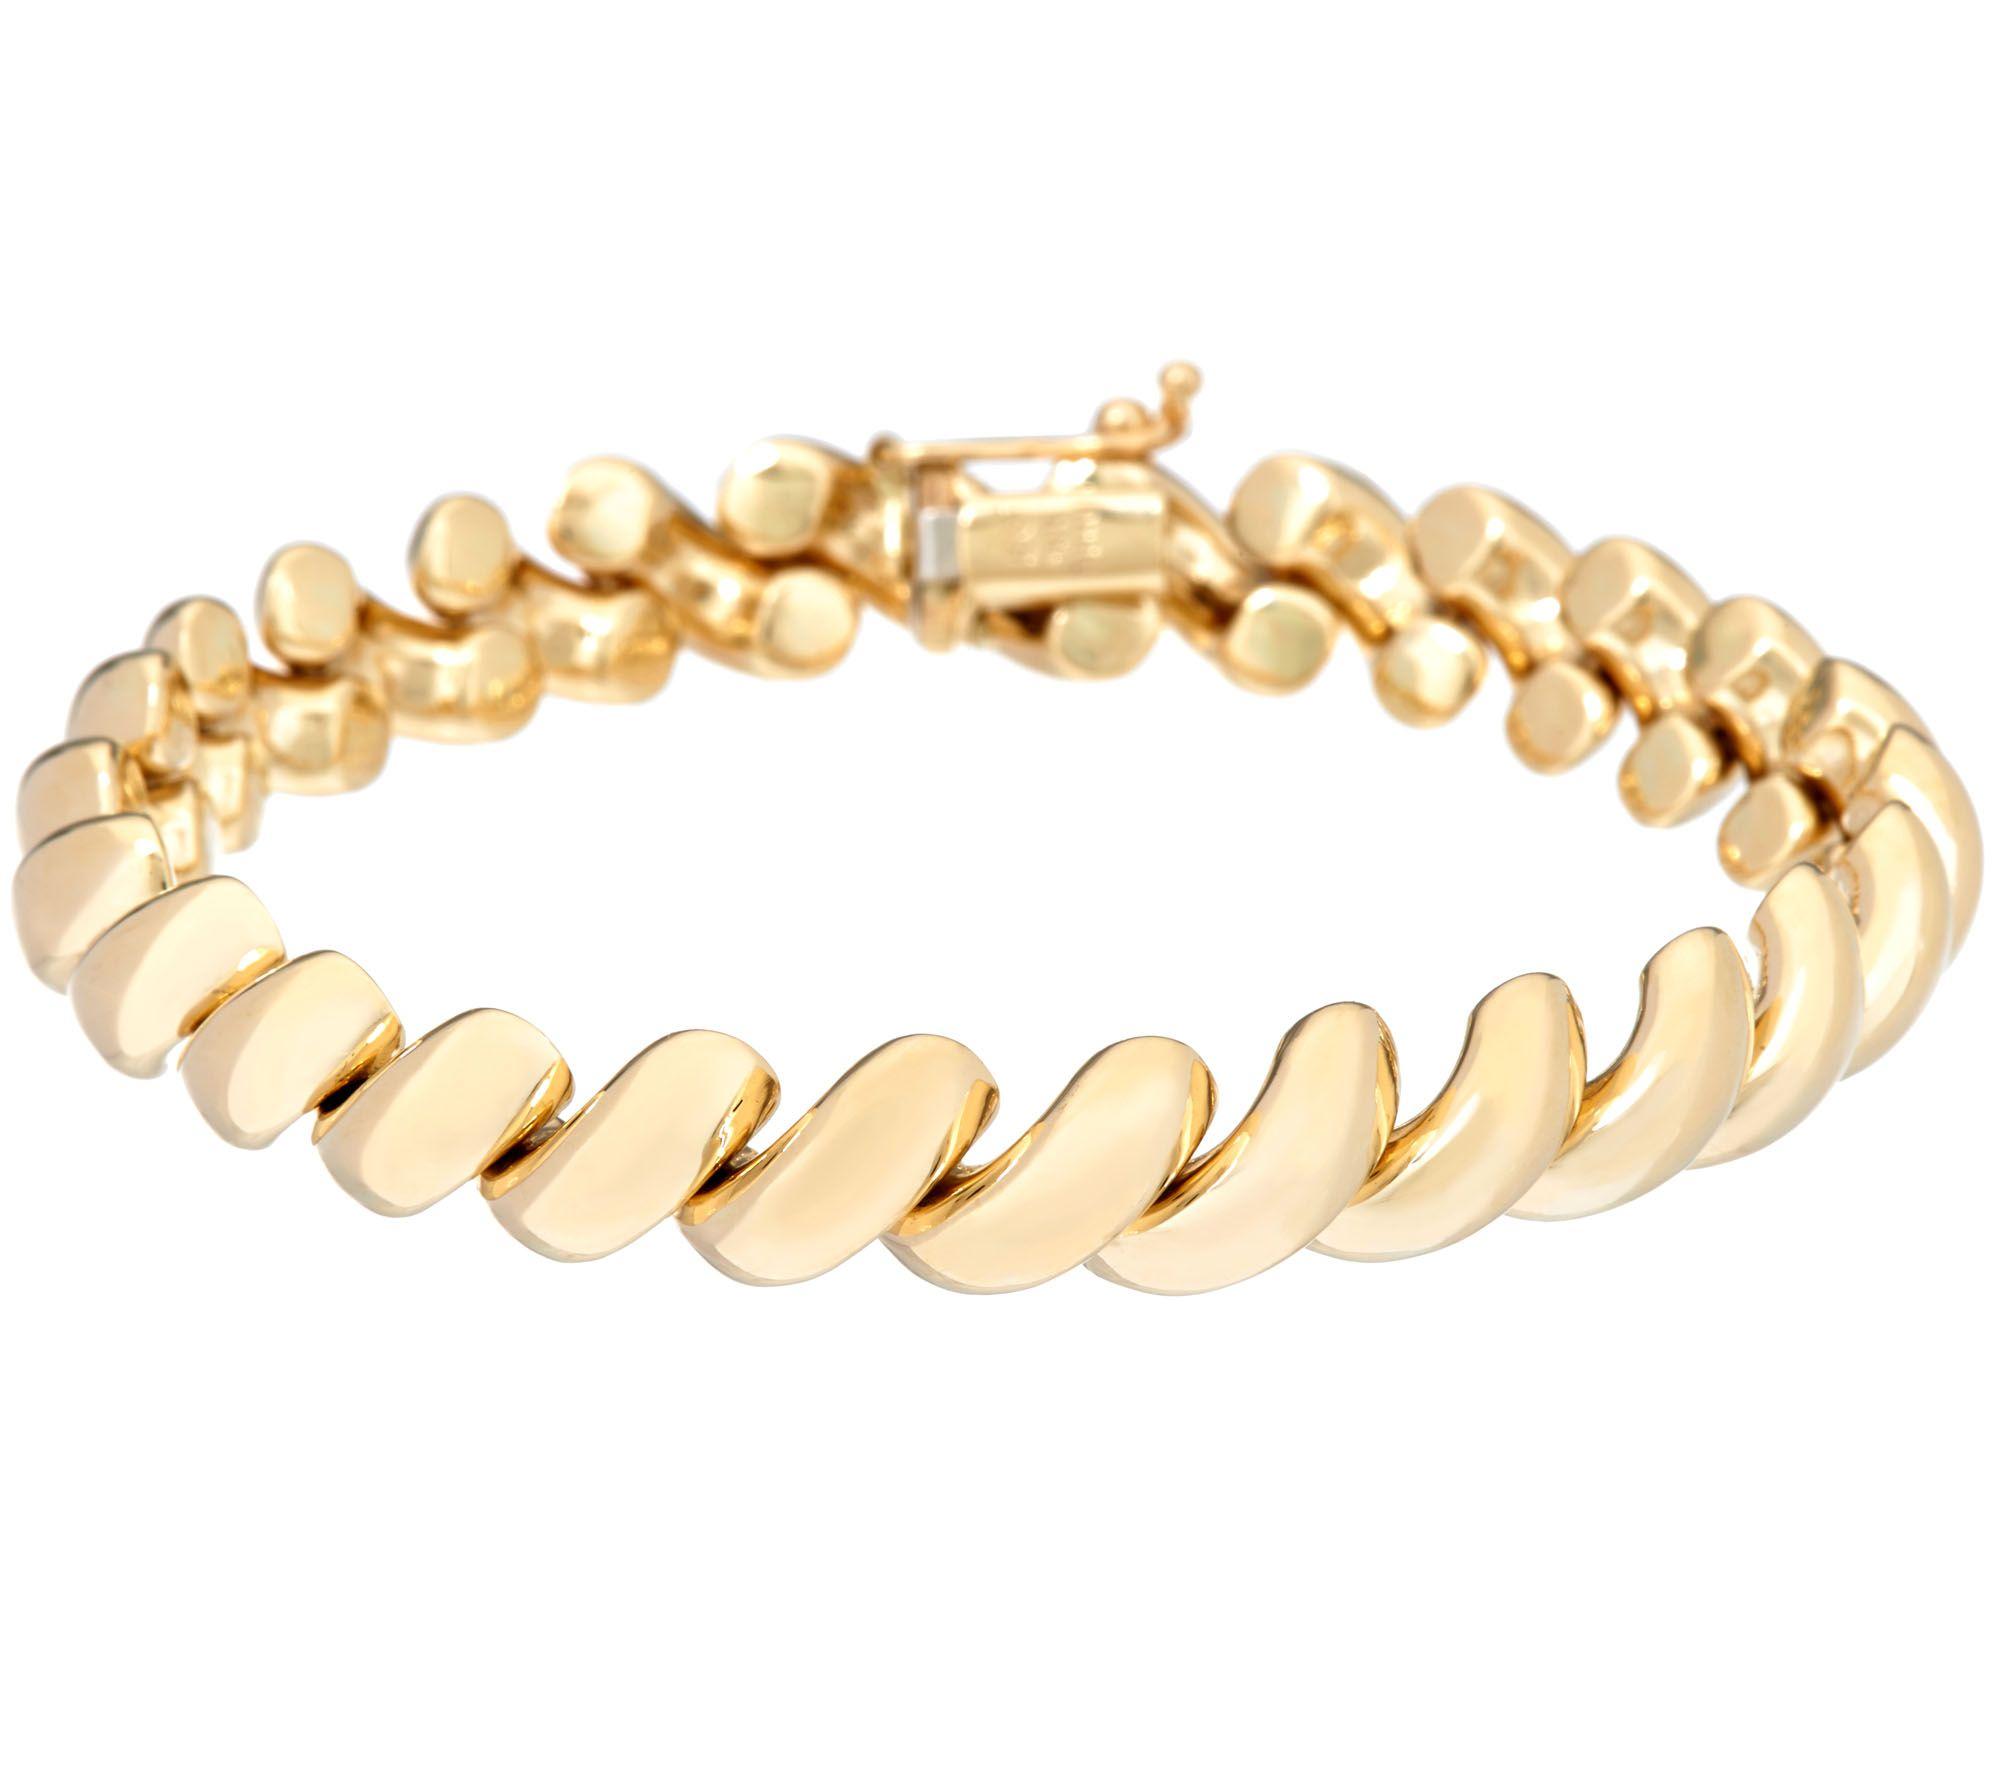 Eternagold 6 3 4 Polished San Marco Bracelet 14k Gold 11 6g Page 1 Qvc